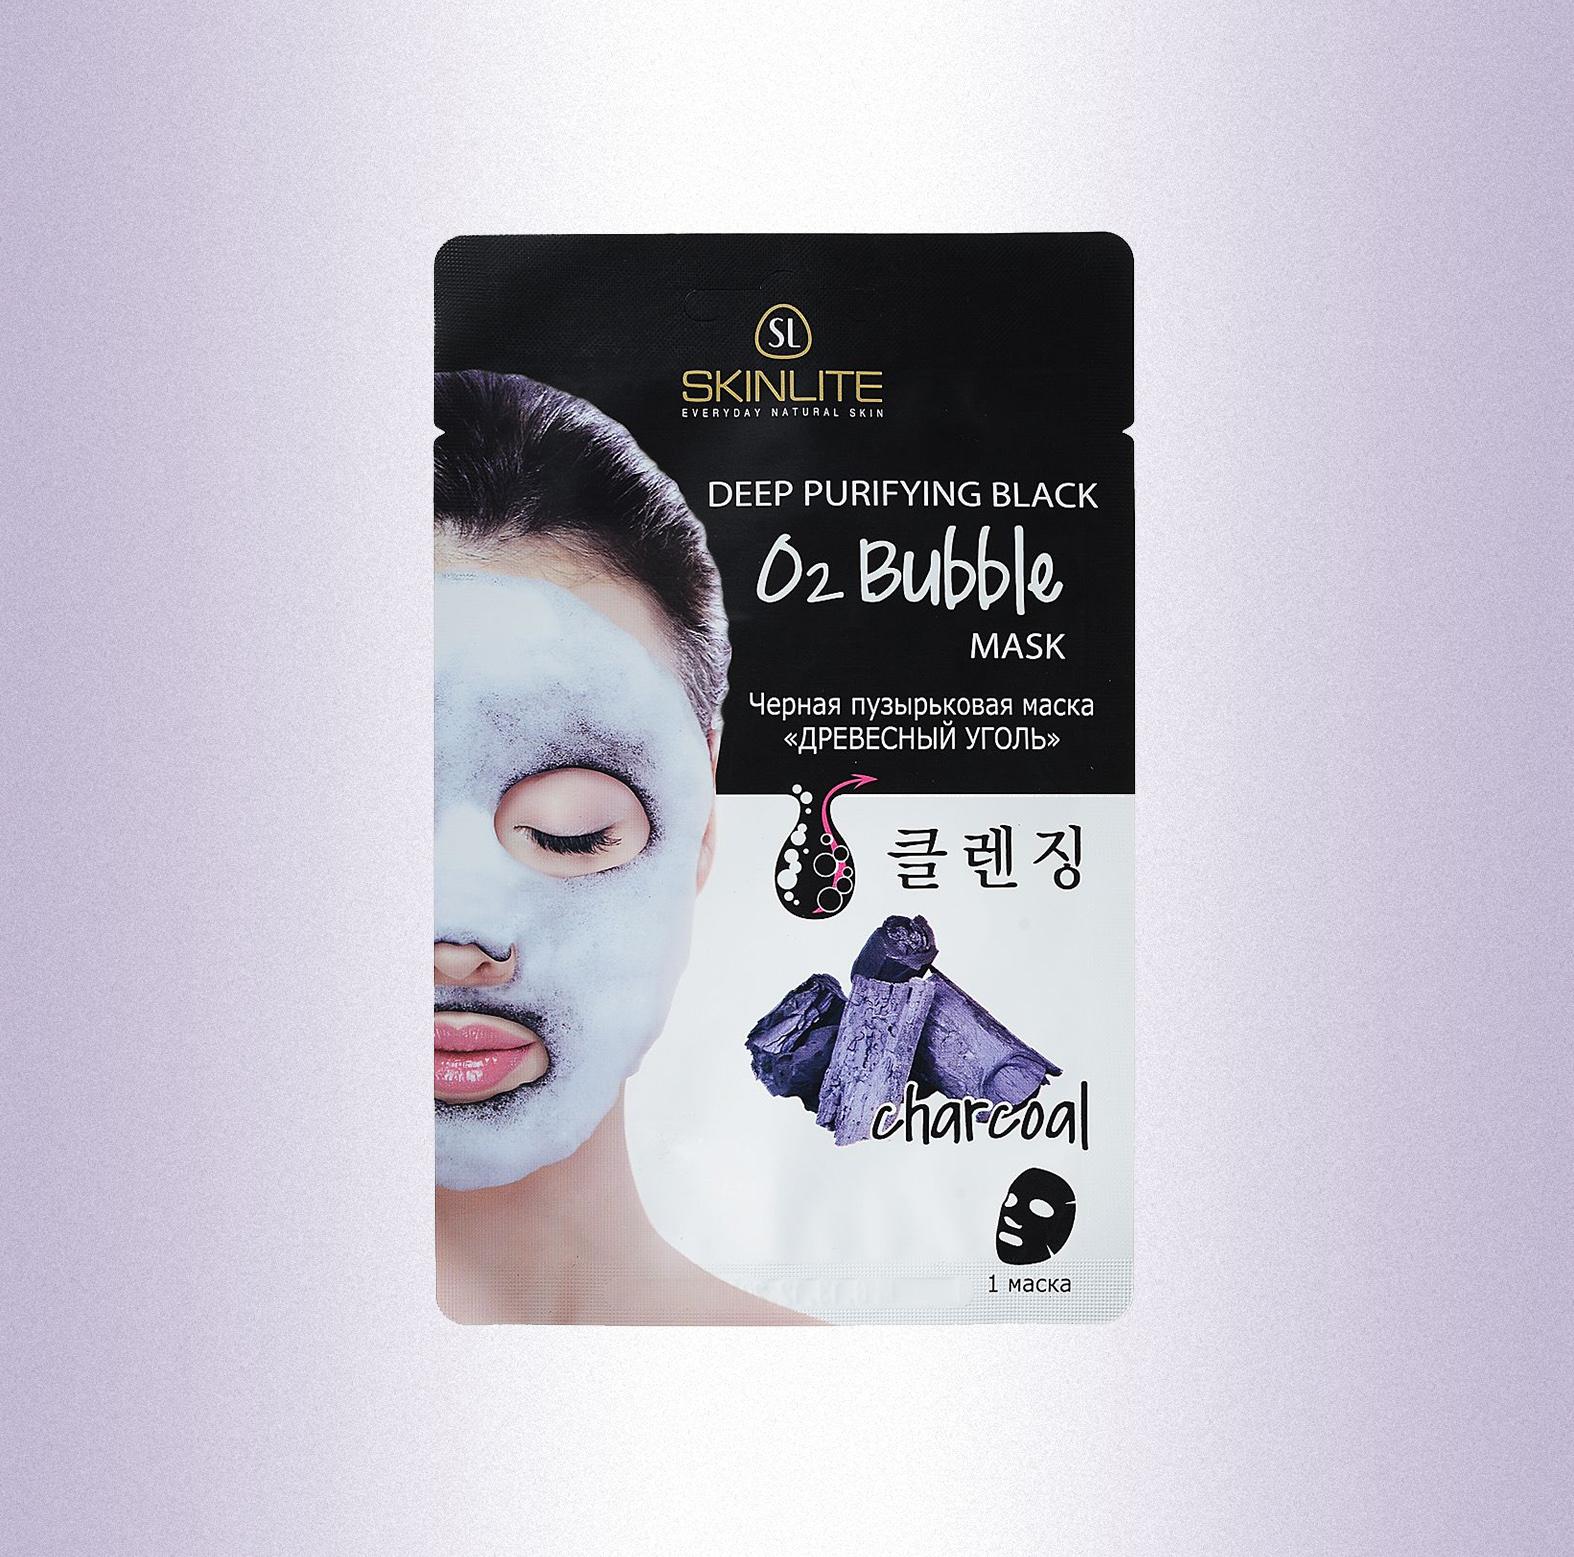 Черная пузырьковая маска «Древесный уголь», Skinlite